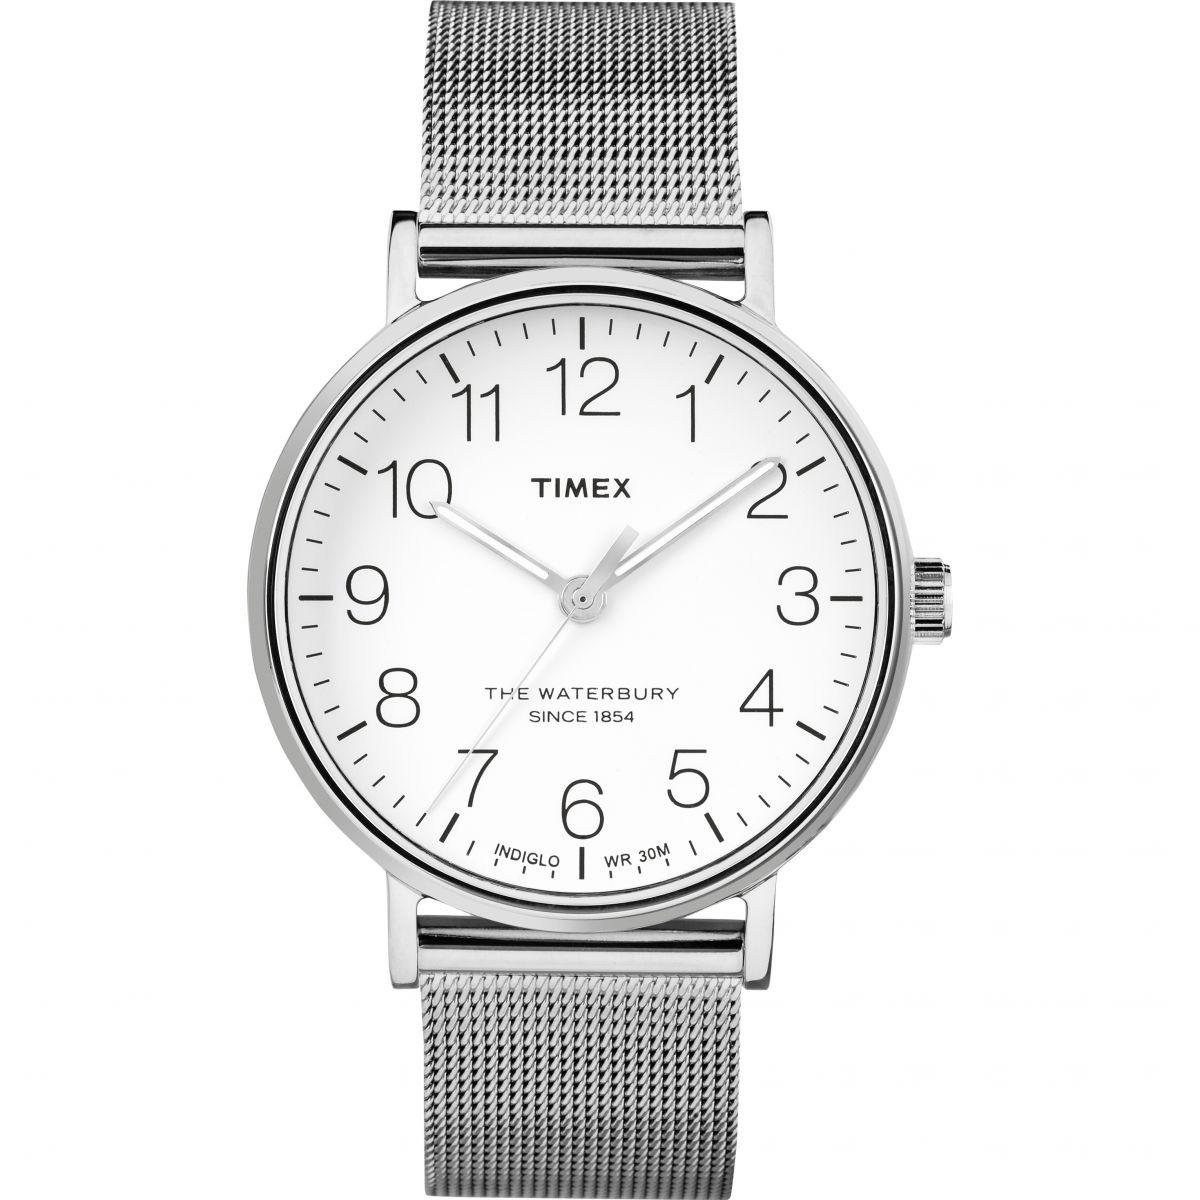 975dc93d893c reloj timex tw2r25800 100% original para caballero. Cargando zoom.